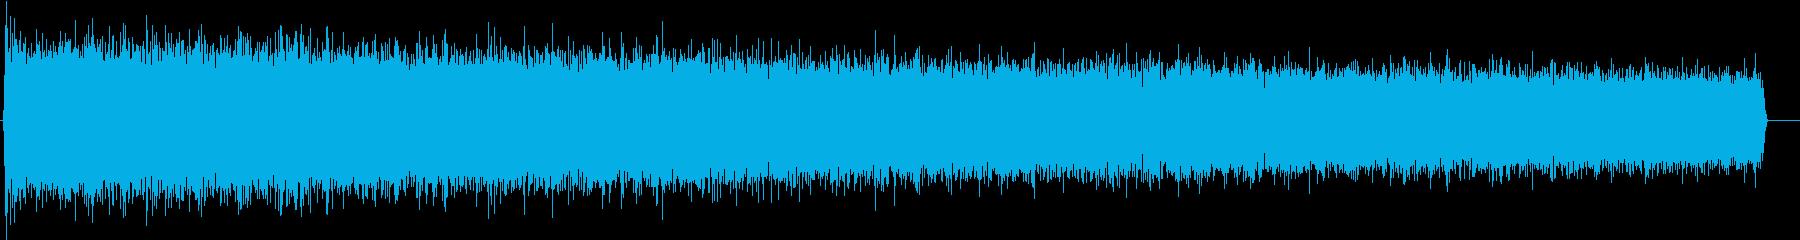 涙ガスキャニスター:放電、重い空気...の再生済みの波形